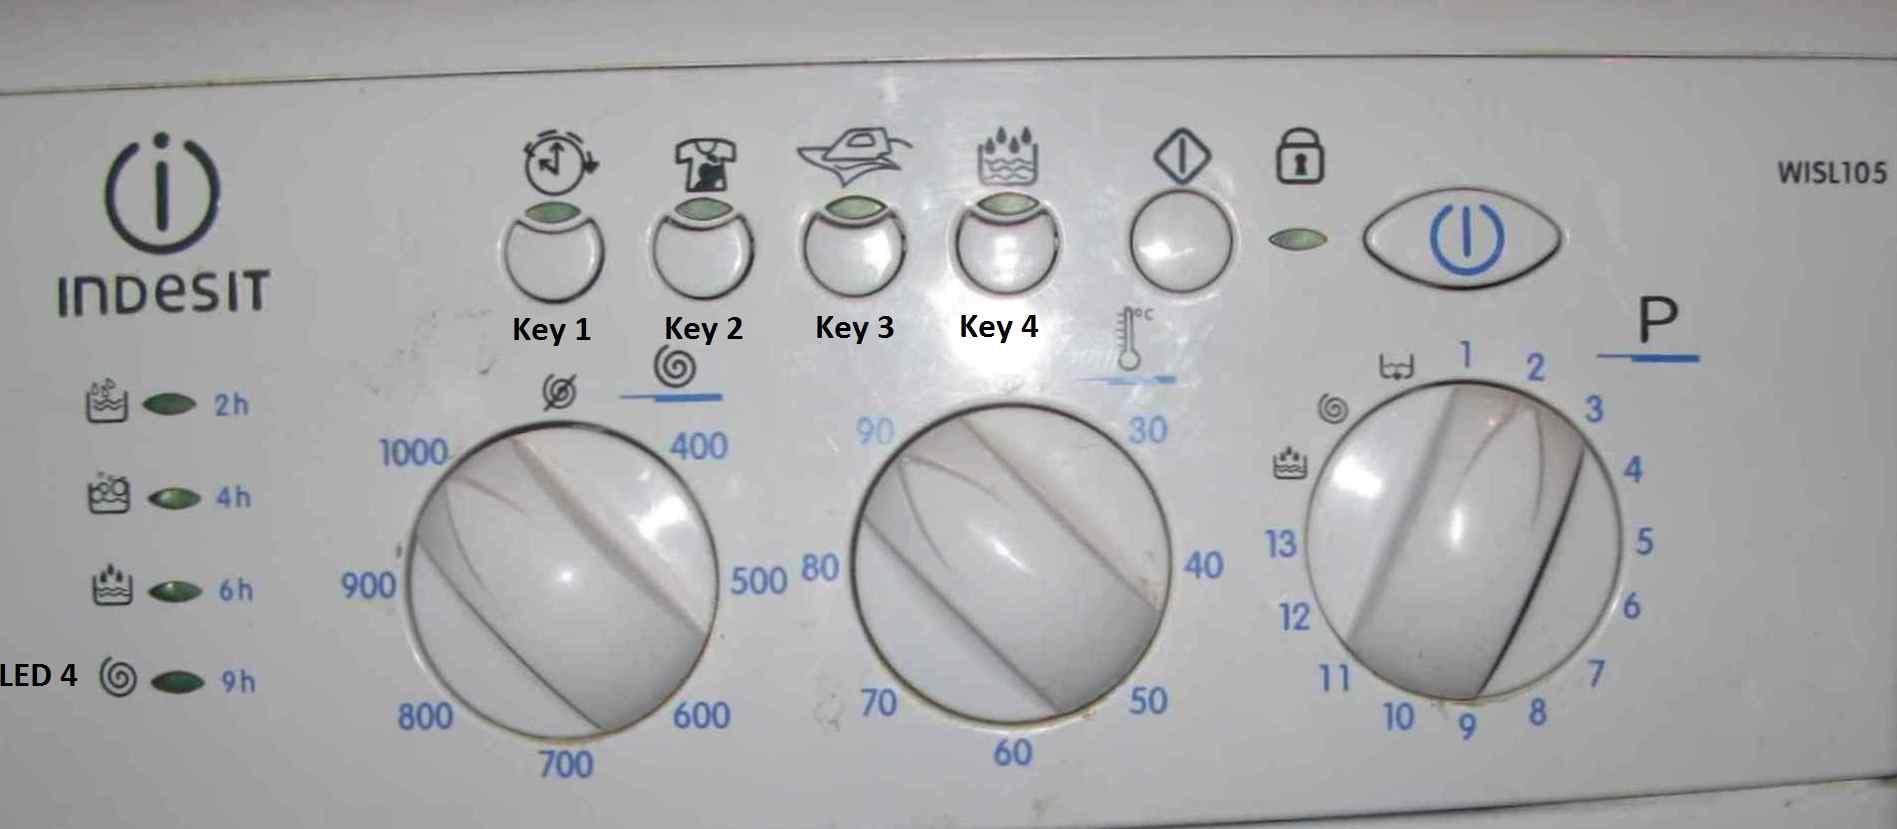 Nowość Naprawa AGD, pralki, zmywarki, płyty indukcyjne, moduły CQ21